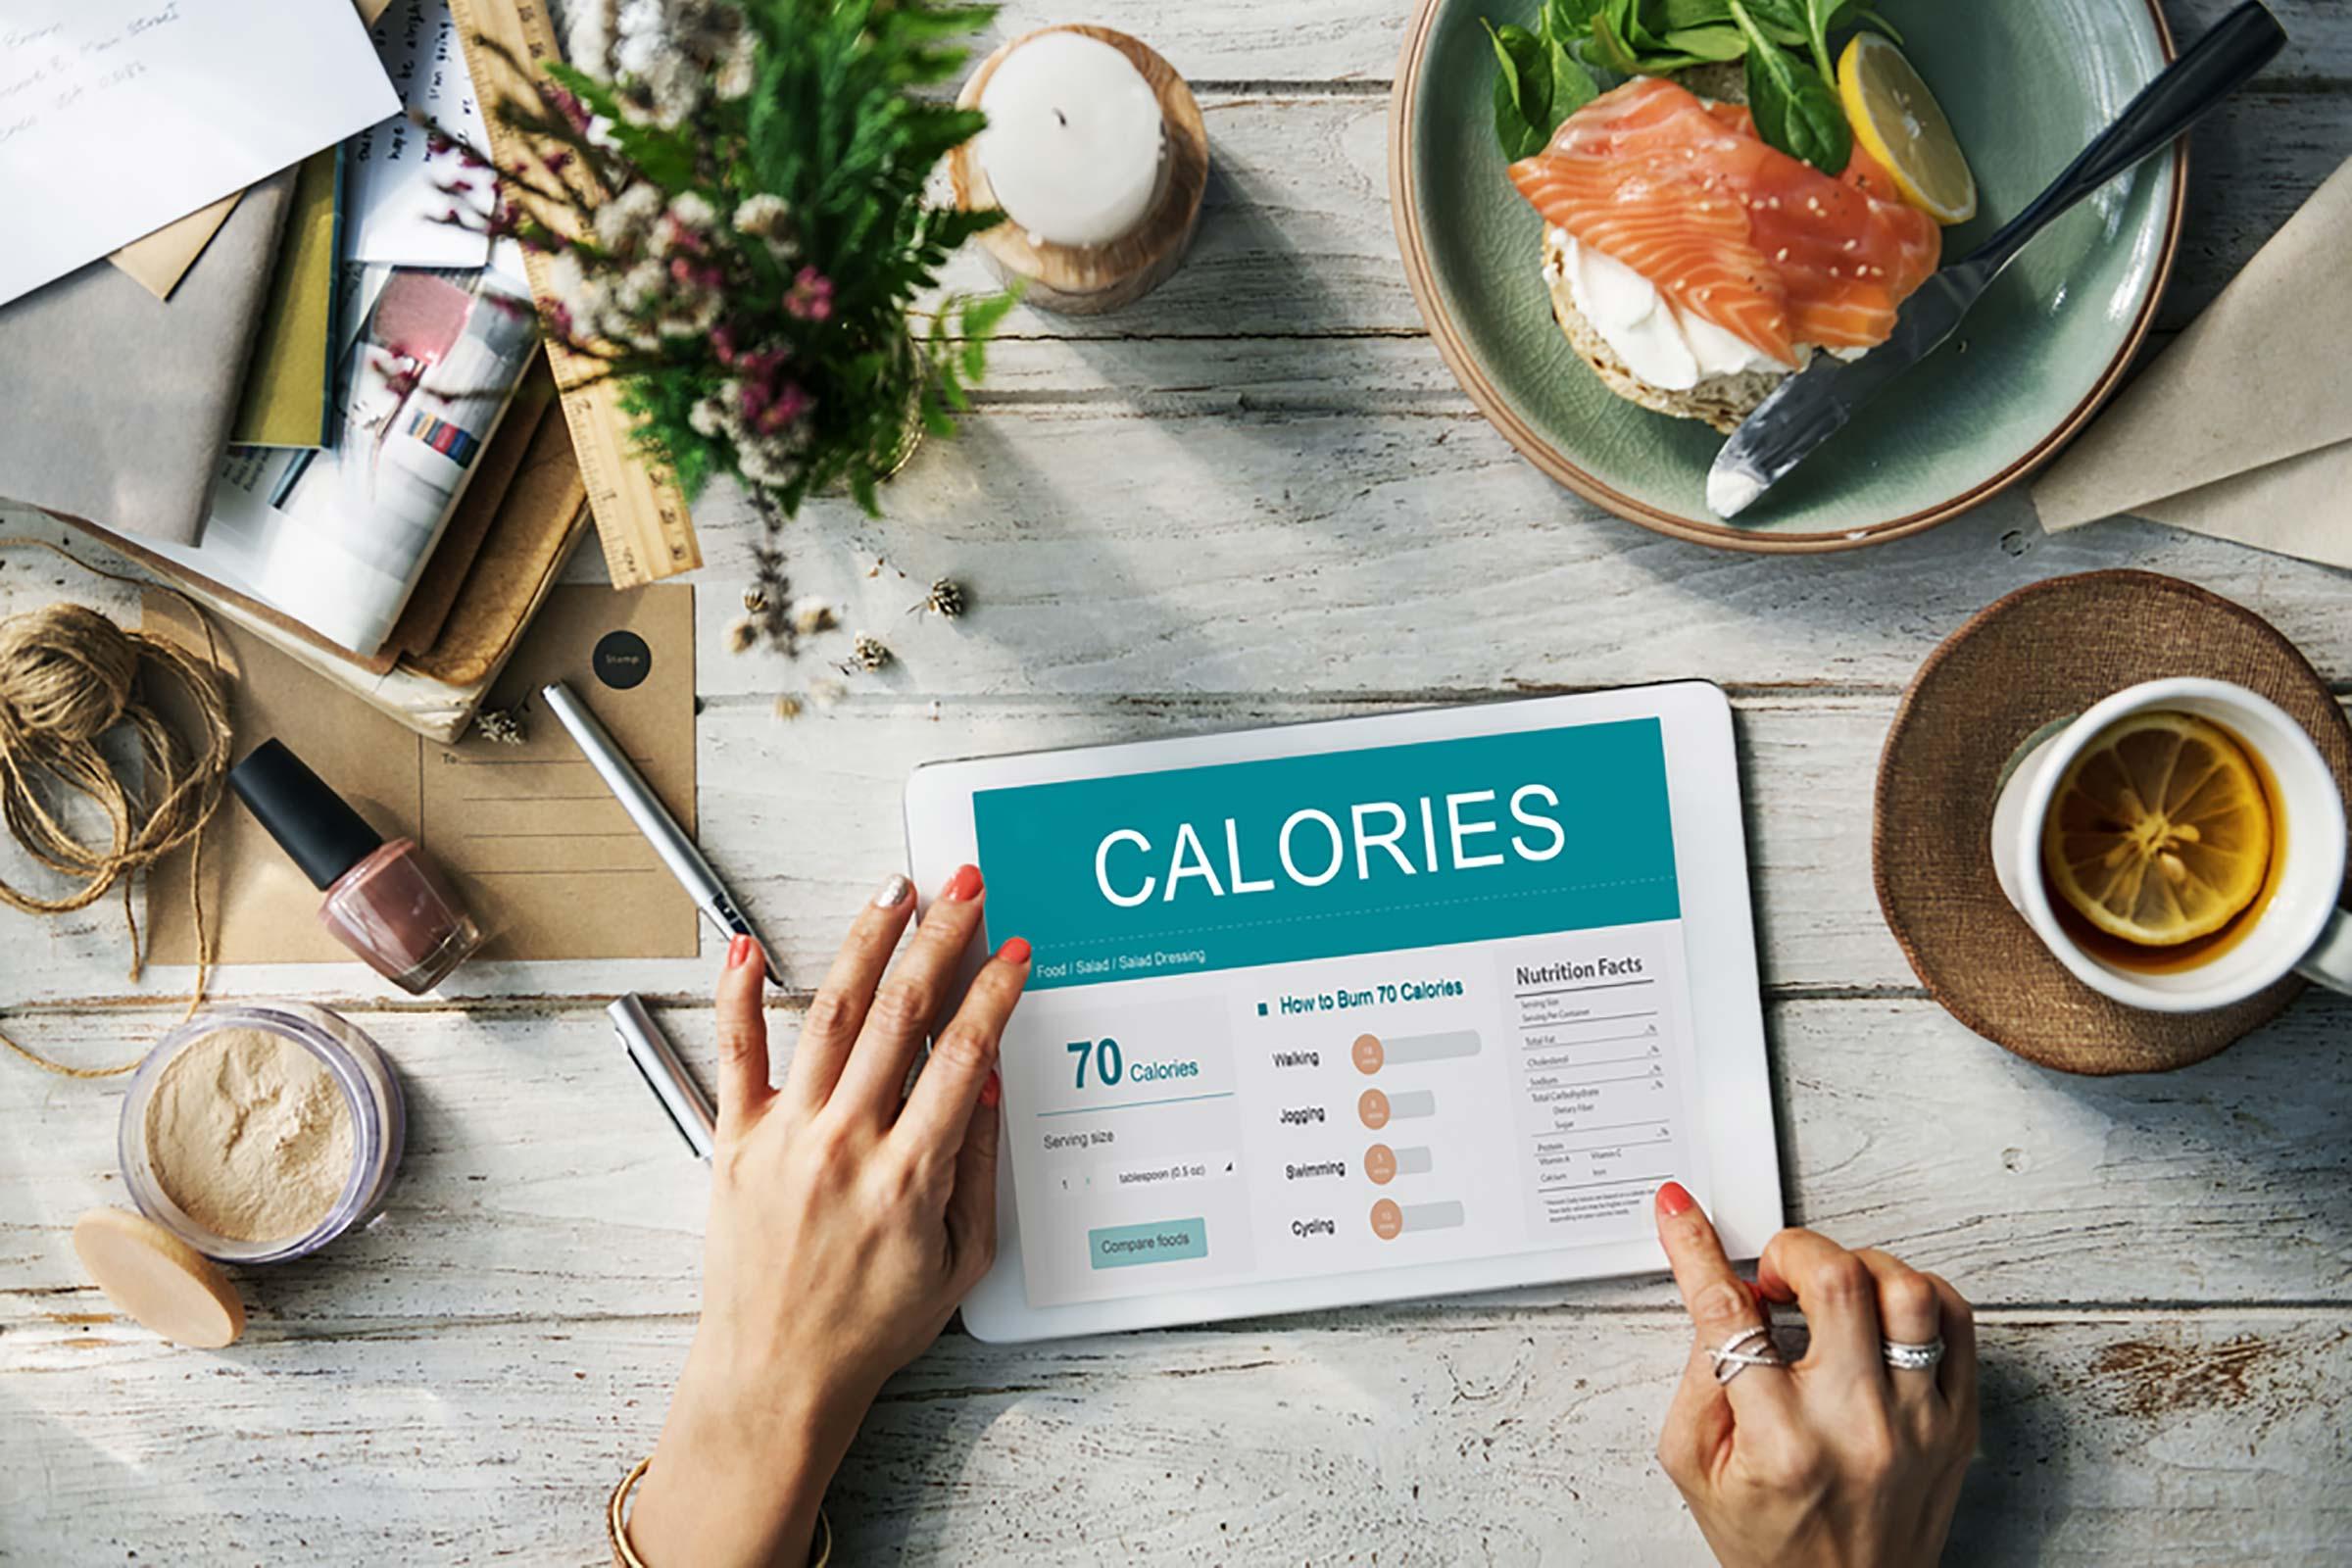 eDoctor - Tôi nên nạp vào cơ thể bao nhiêu Calories một ngày?